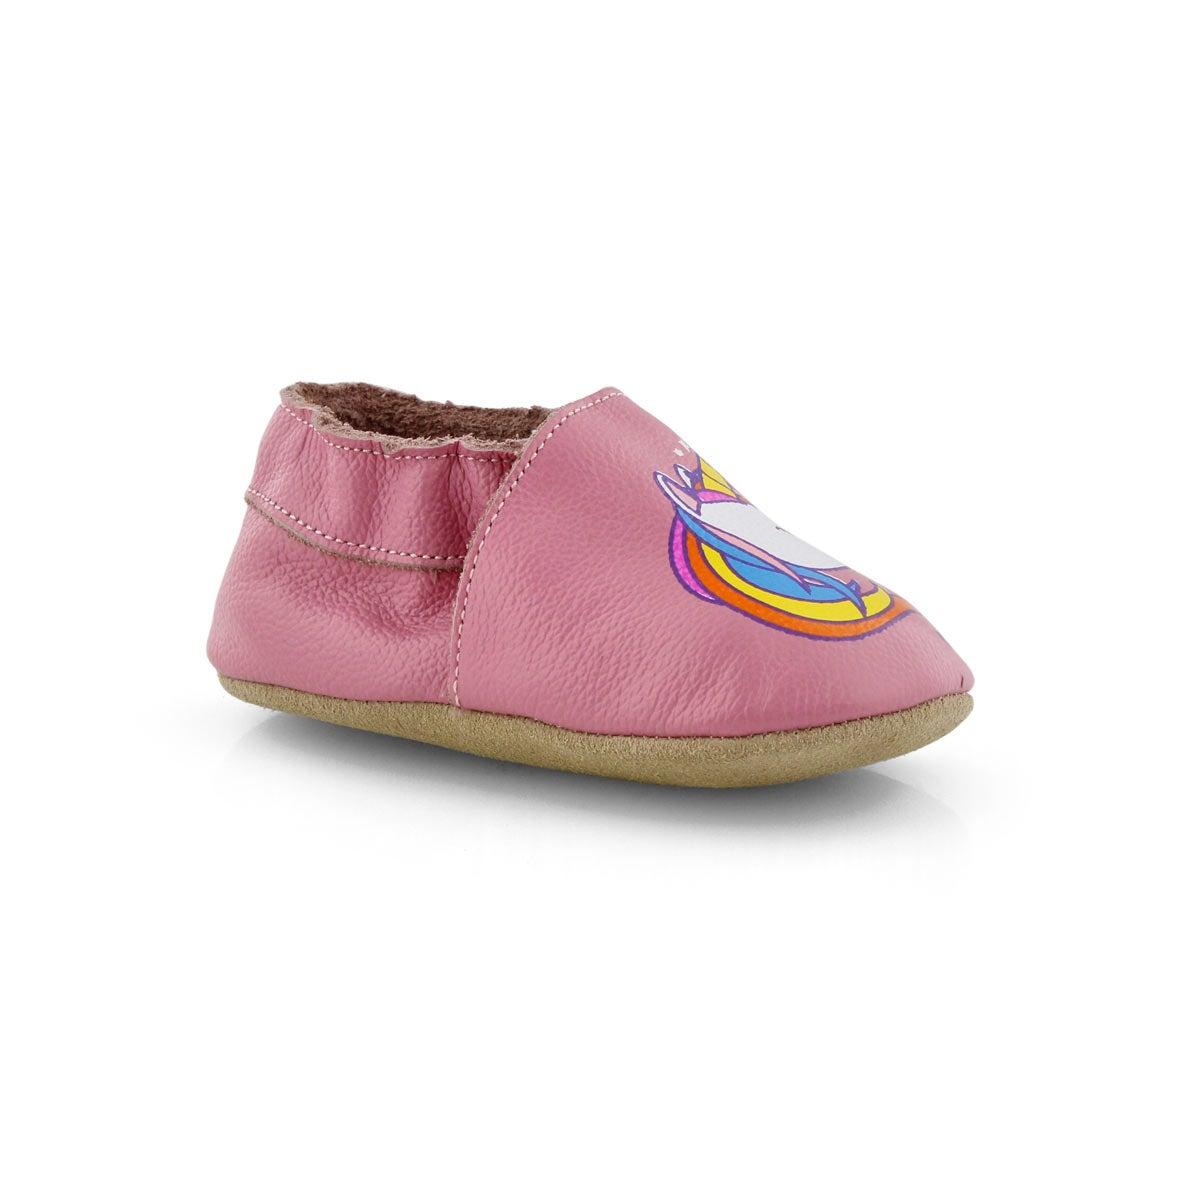 SoftMoc Infants' UNICORN pink slipper